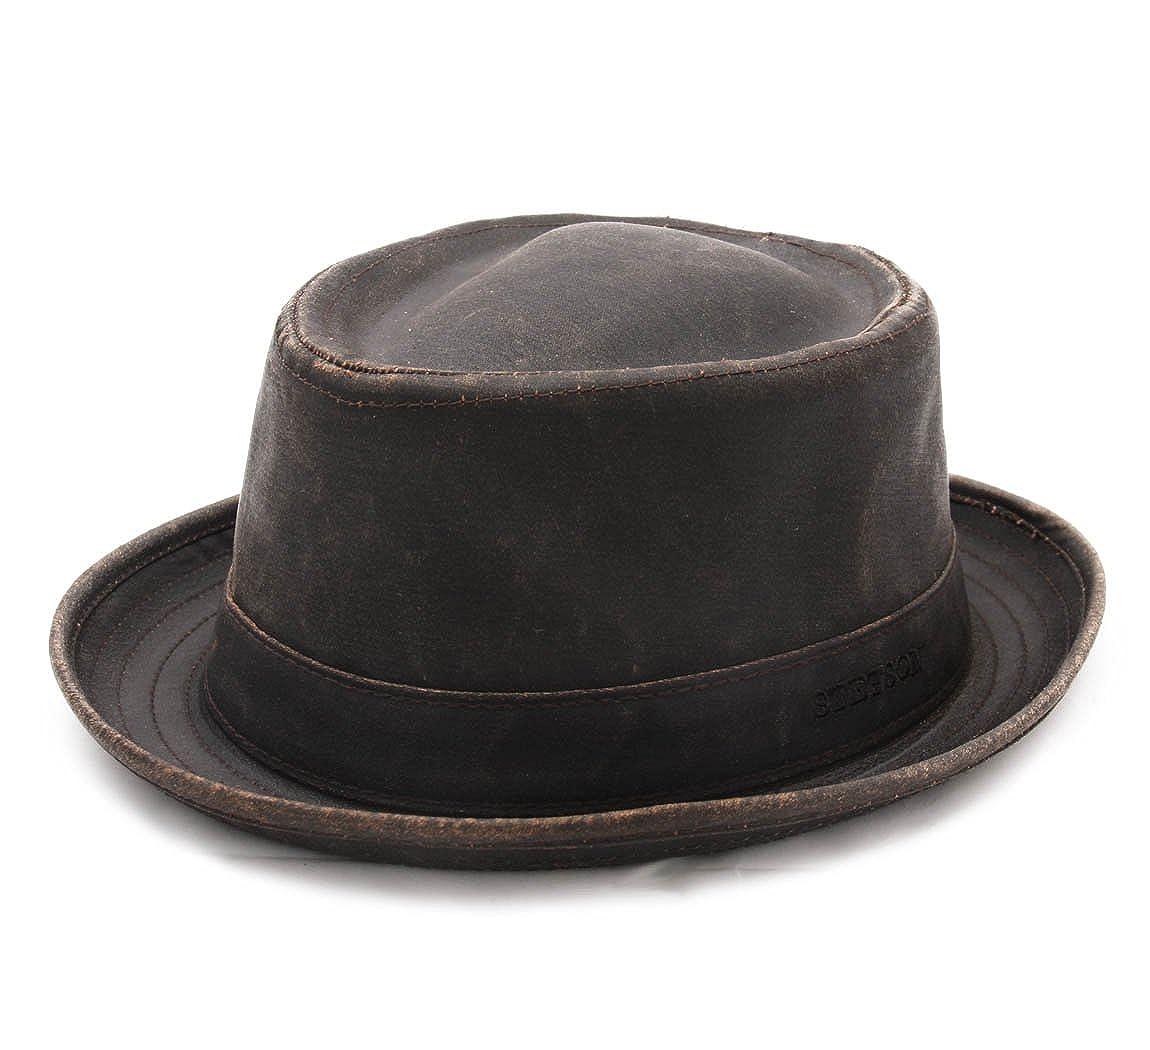 Stetson Men's Odenton Pork Pie Hat